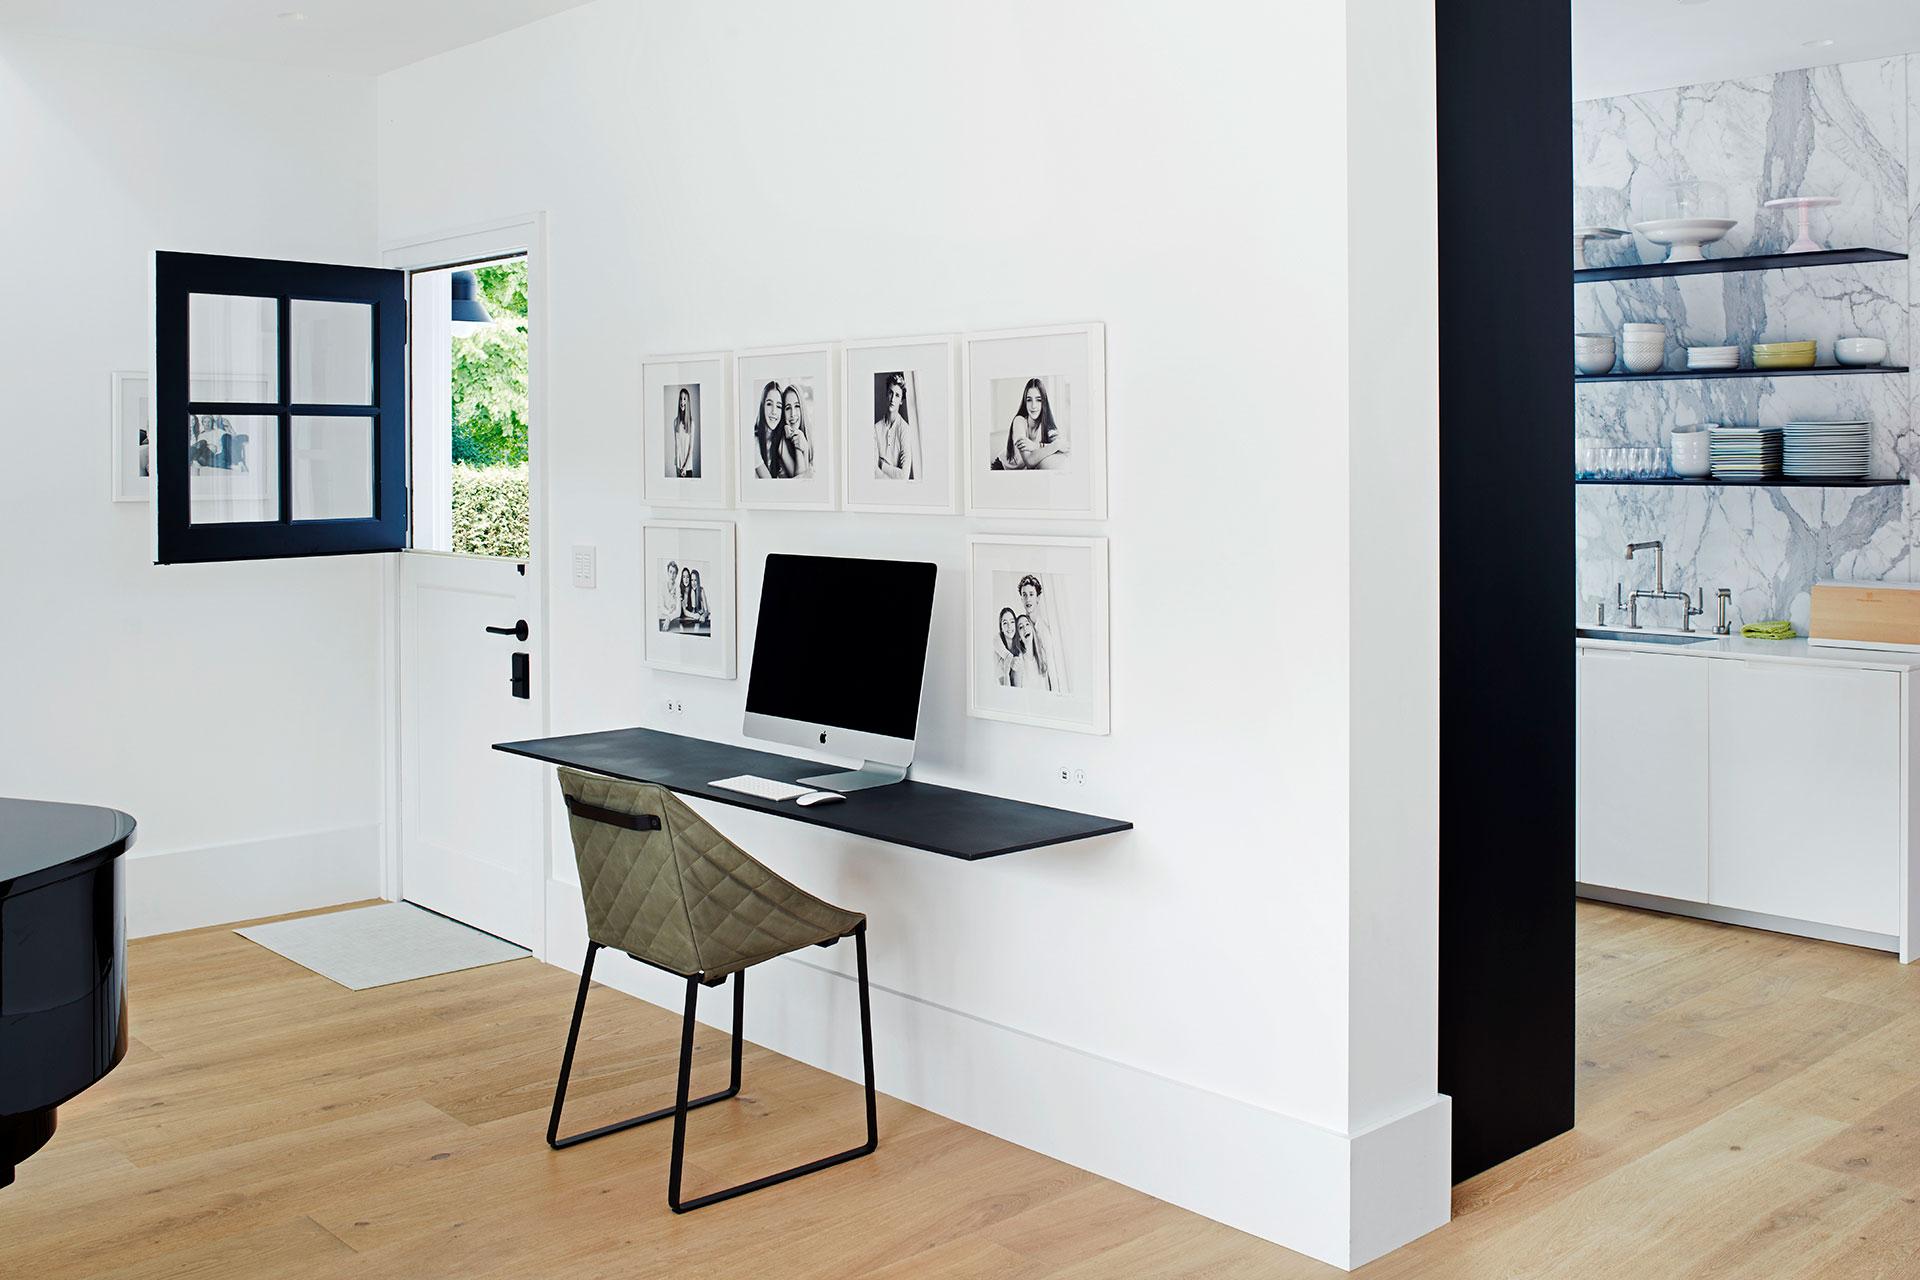 Residential hodgson design associates for Hda design